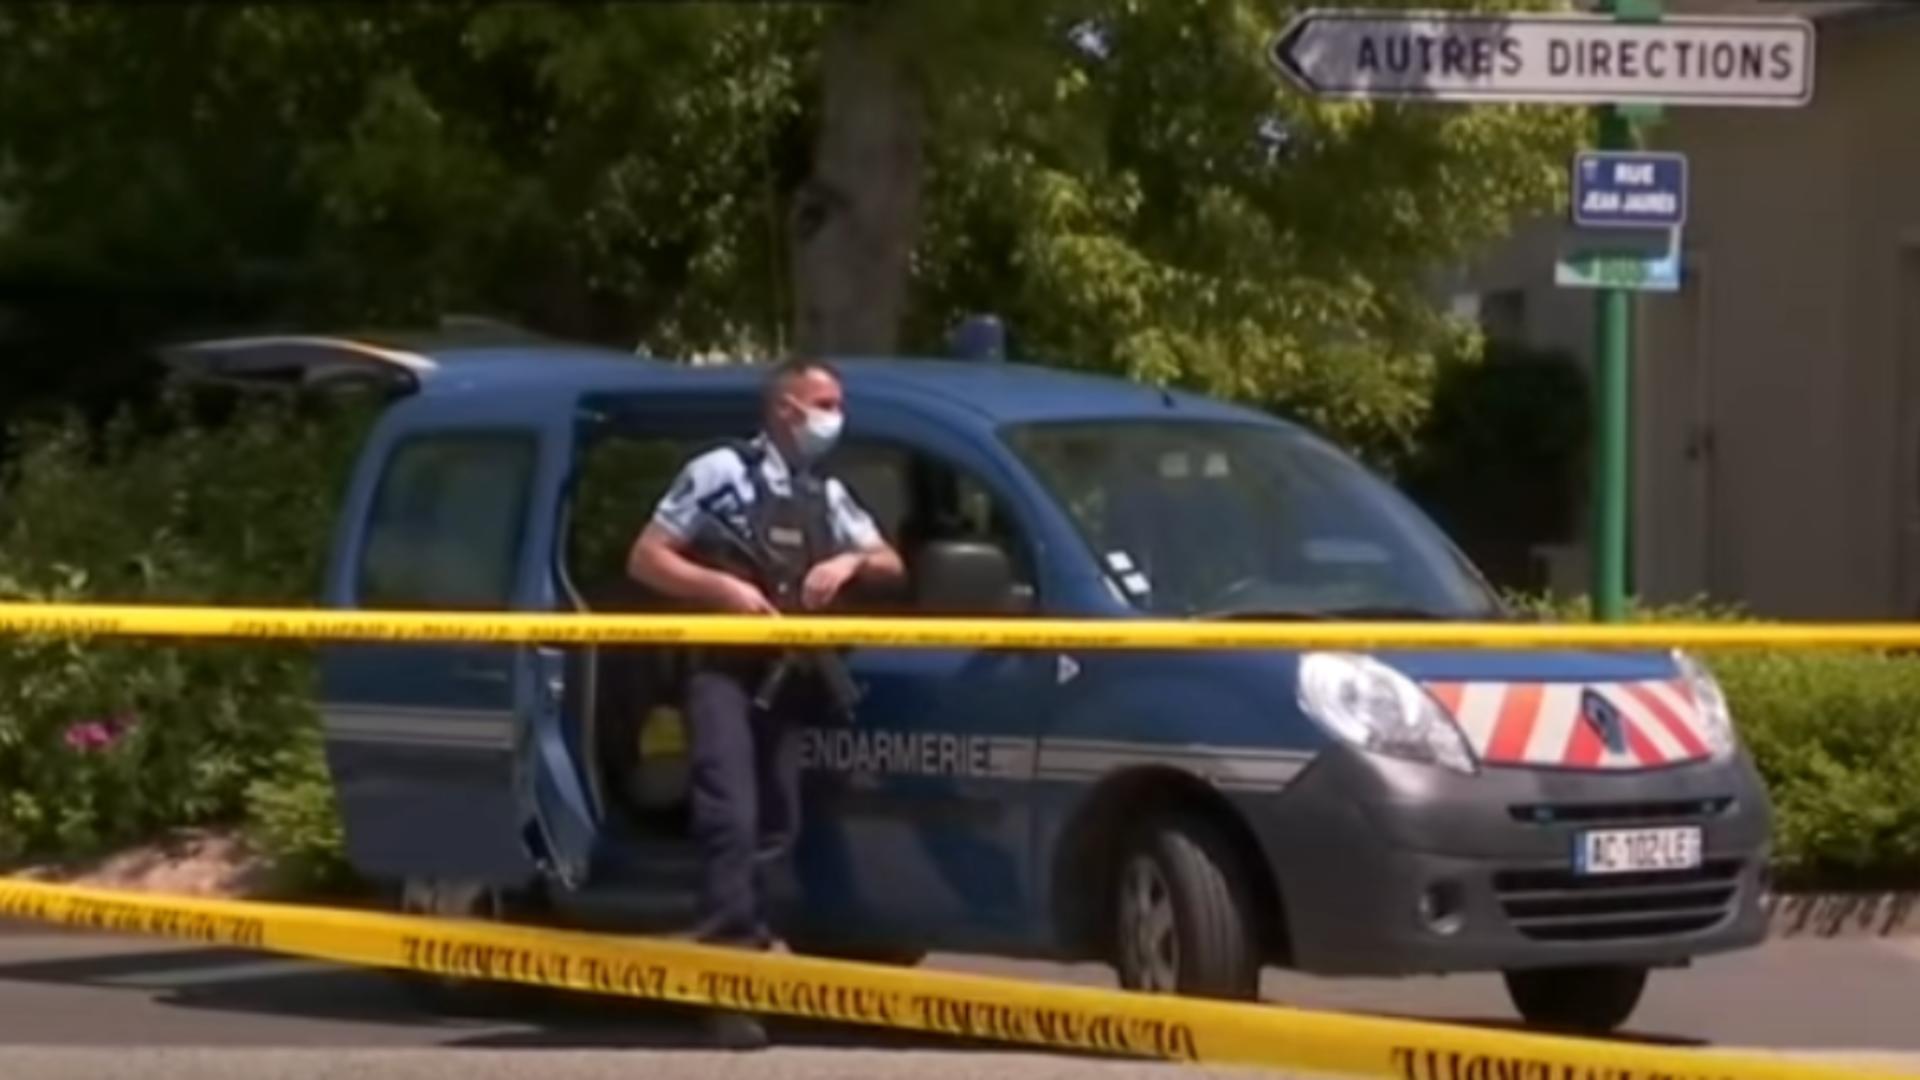 Atac în Franța. Foto: captură YouTube